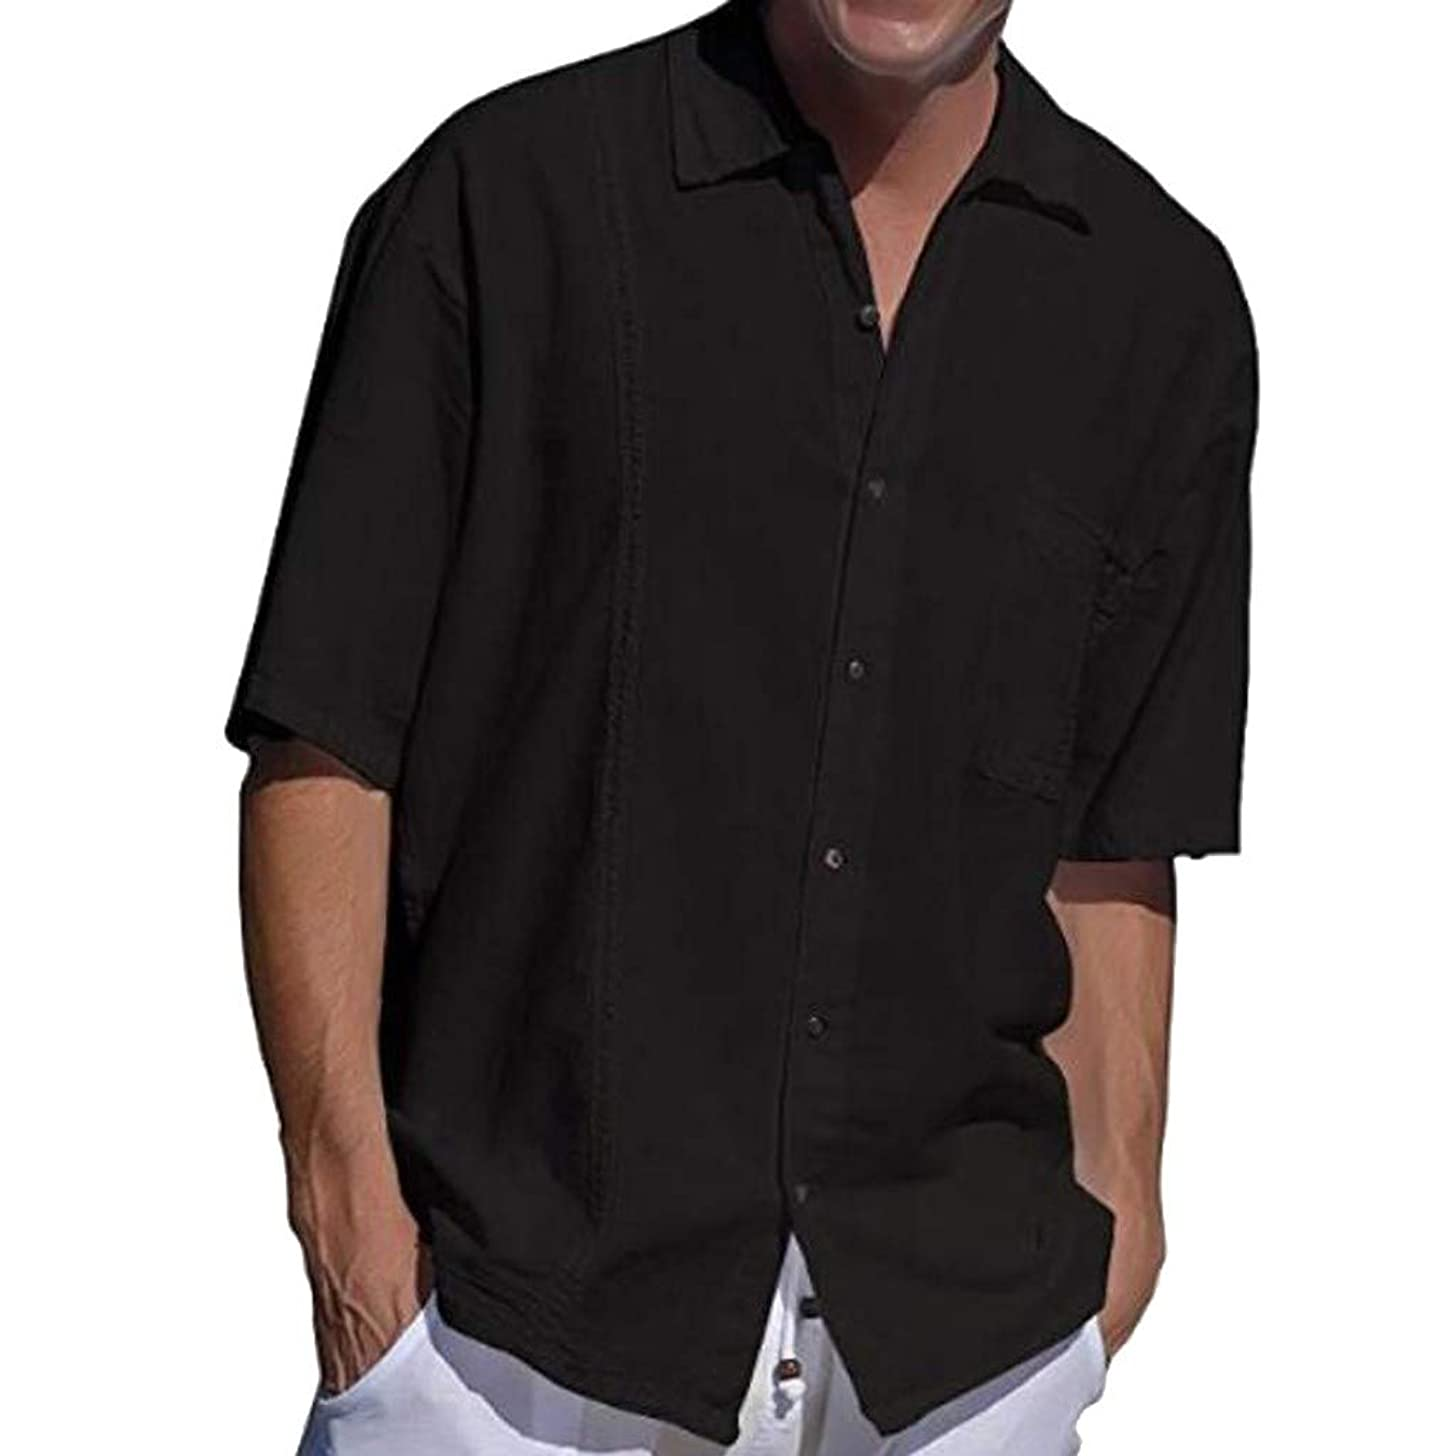 Ghazzi Men Top Men Shirt Summer Linen Cotton Pocket Button Blouse Lapel Short Sleeve Fashion Shirt